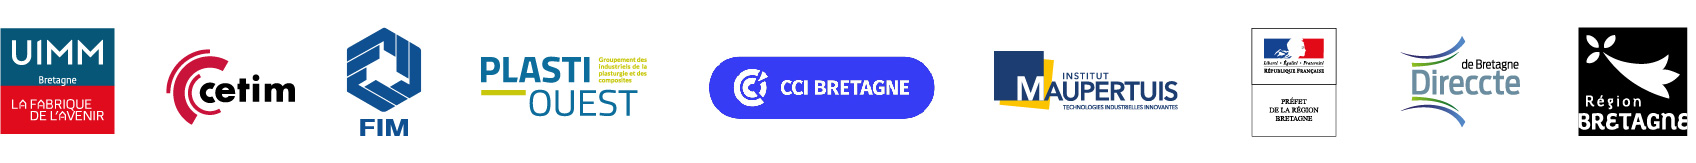 Bloc marque Partenaires RVB - CDIB